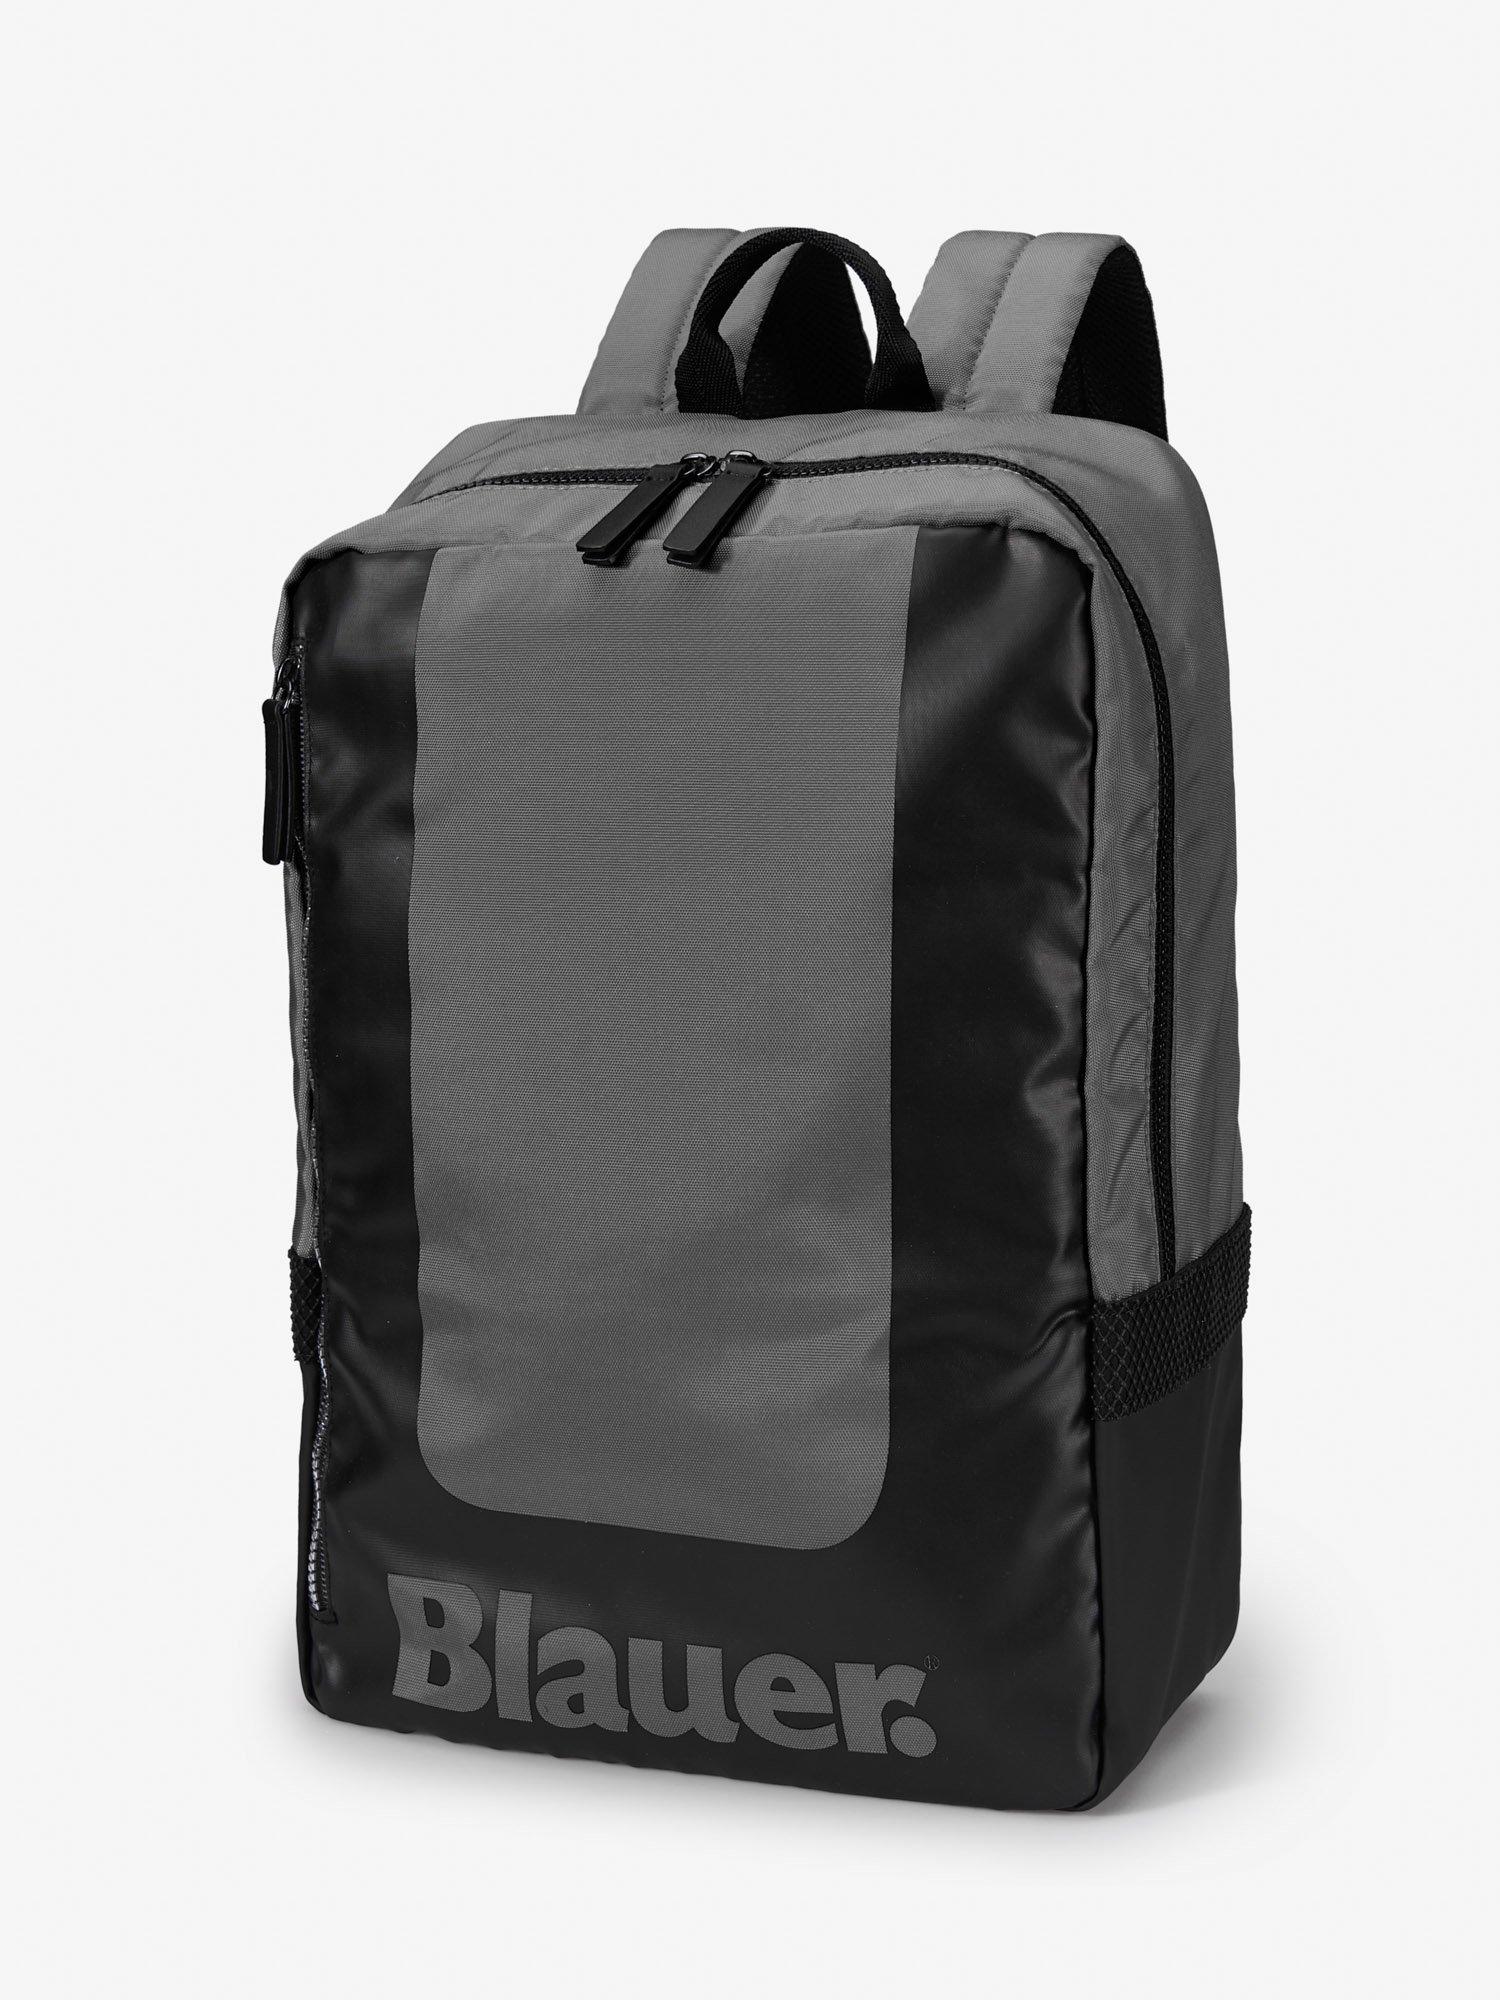 ULTRA-LIGHTWEIGHT BACKPACK - Blauer